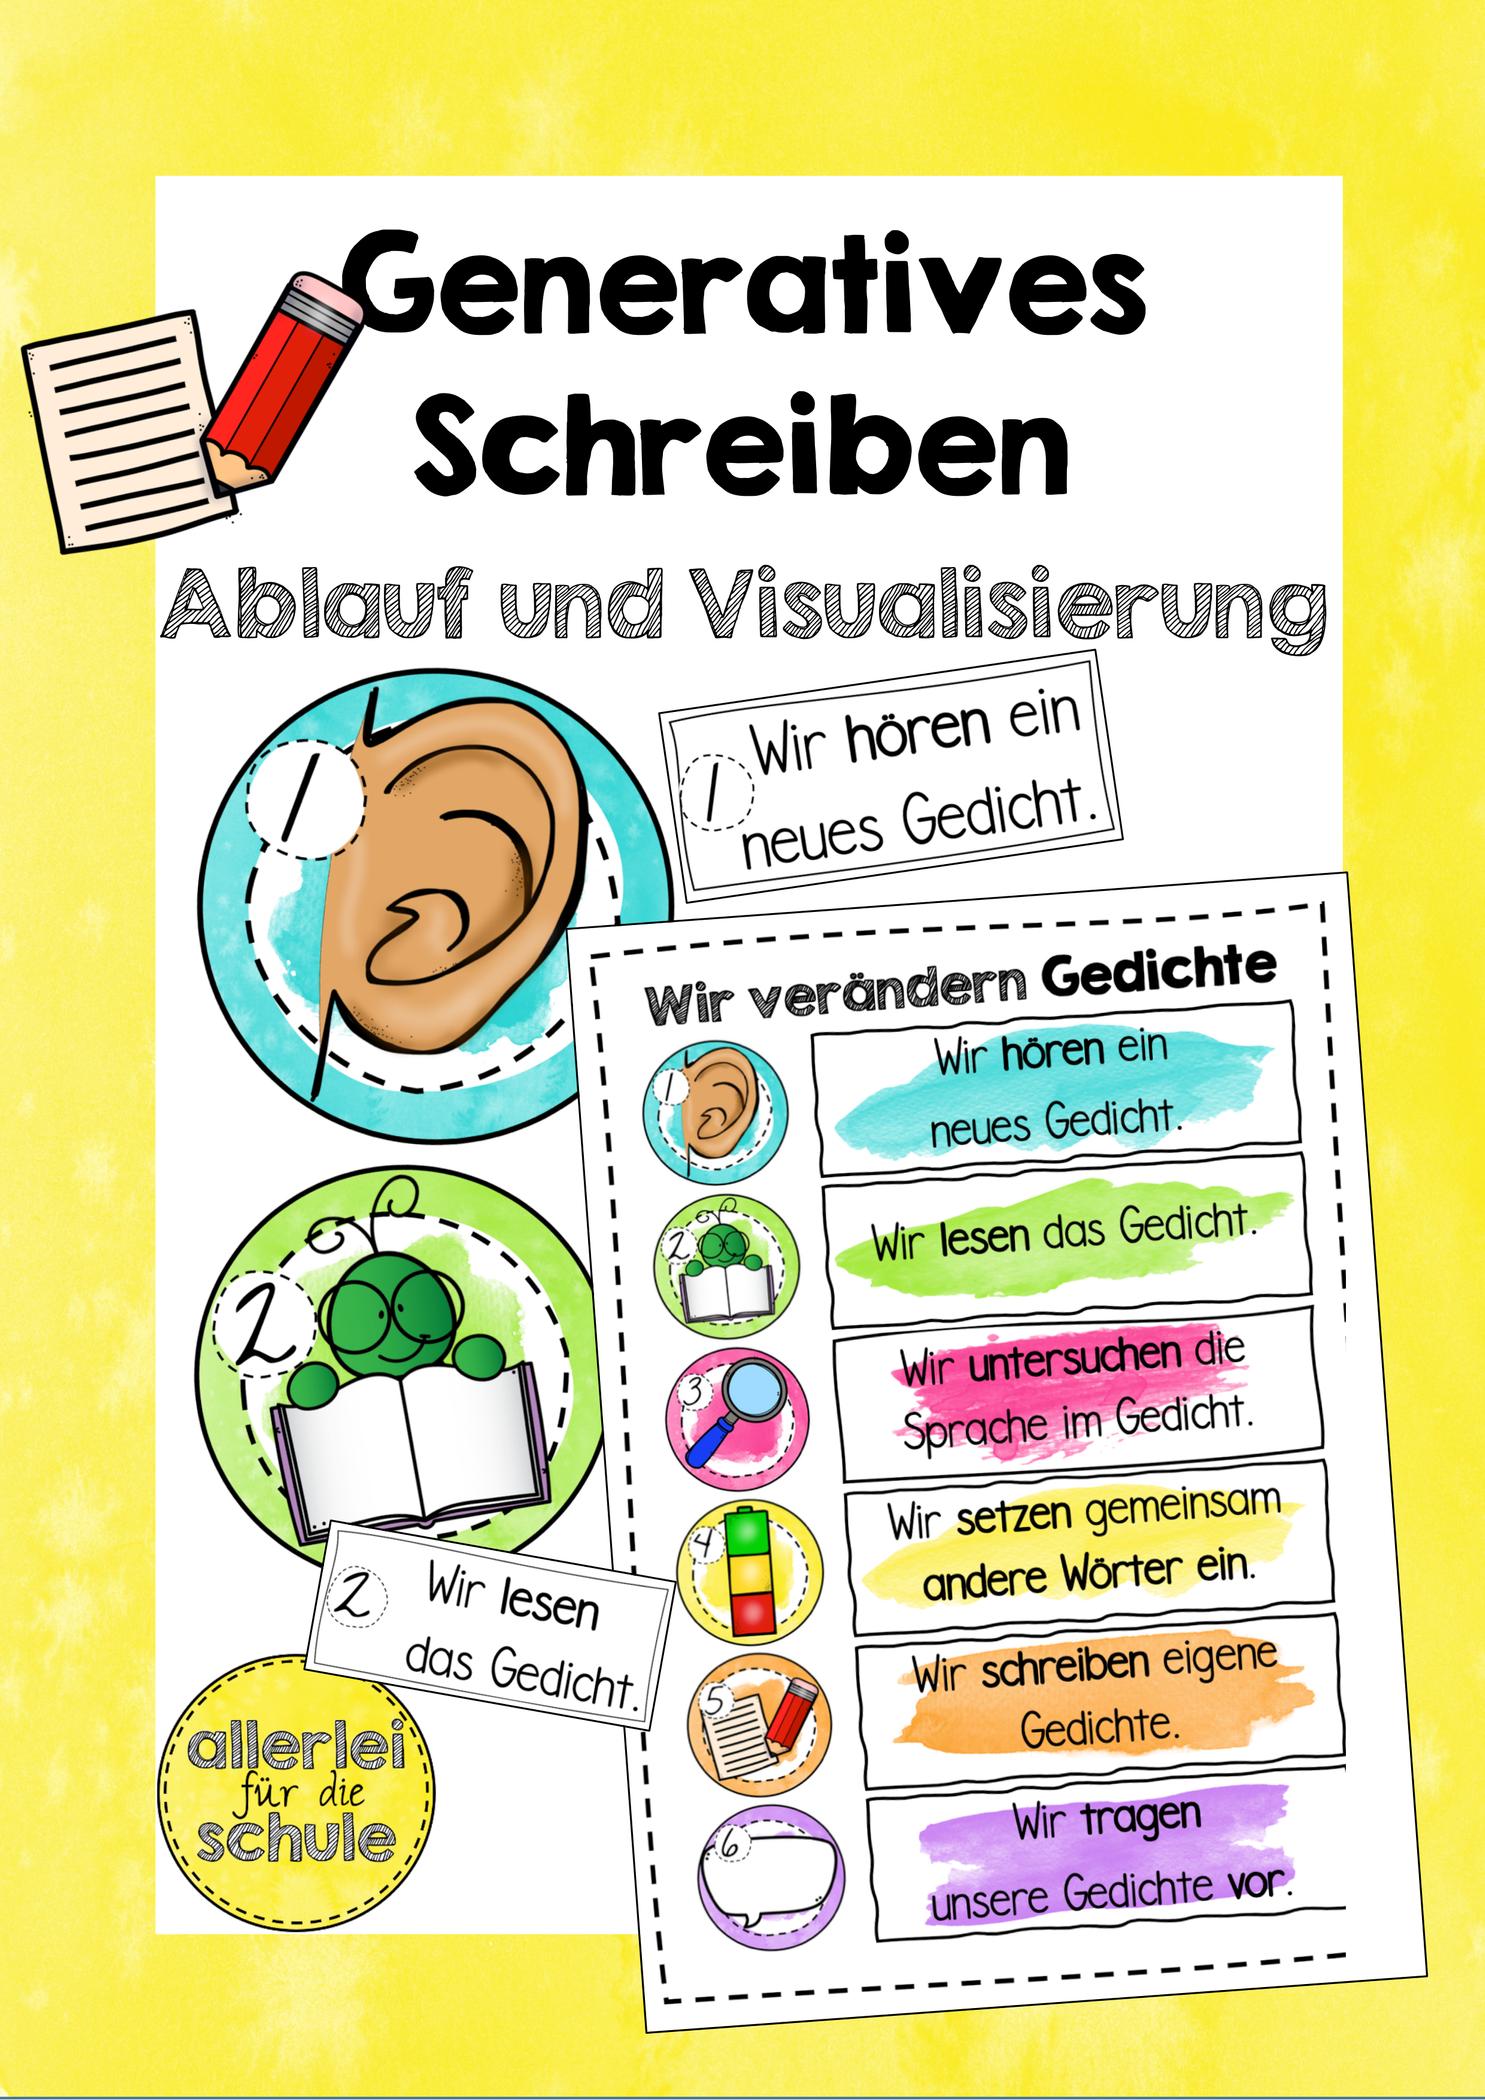 Generatives Schreiben Visualisierung Des Ablaufs Unterrichtsmaterial In Den Fachern Daz Daf Deutsch In 2020 Gedicht Grundschule Unterrichtsmethode Kinder Lesen